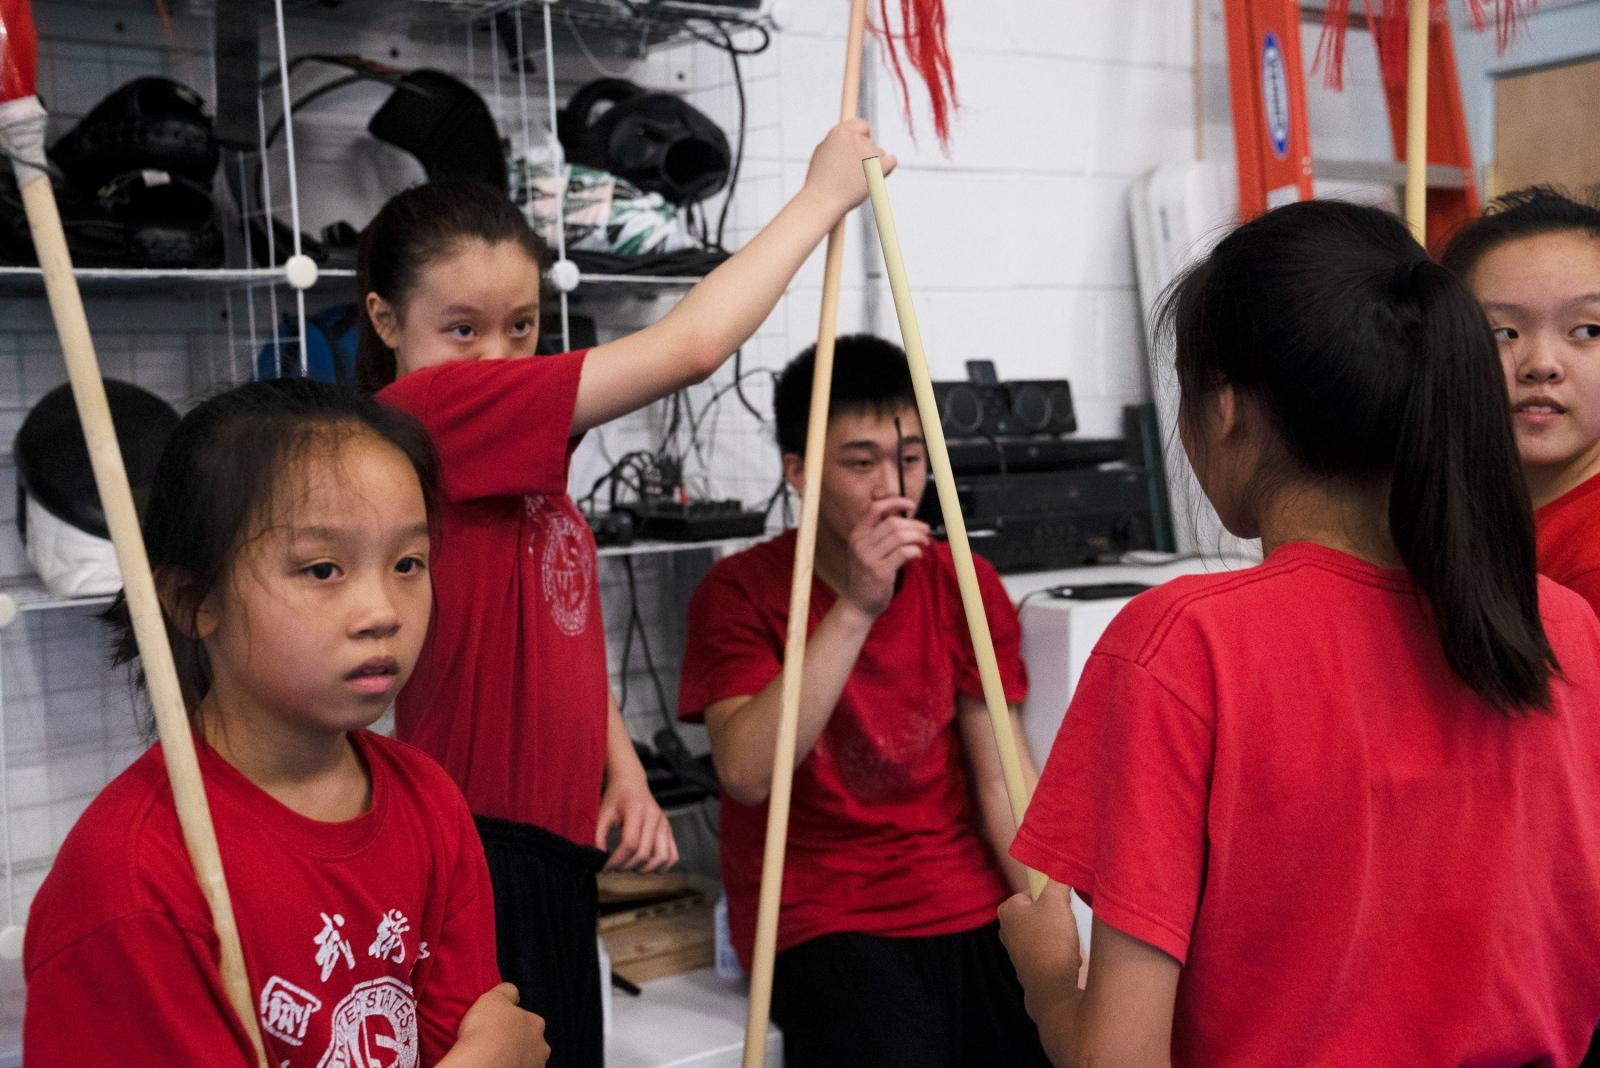 The advanced team, Jocelyn Gu, 12, Michelle Xiong, 14, Benjamin Tran, 15, Joanne Li, 13, Helen Gu, 16, listens to feedback from Zhang.